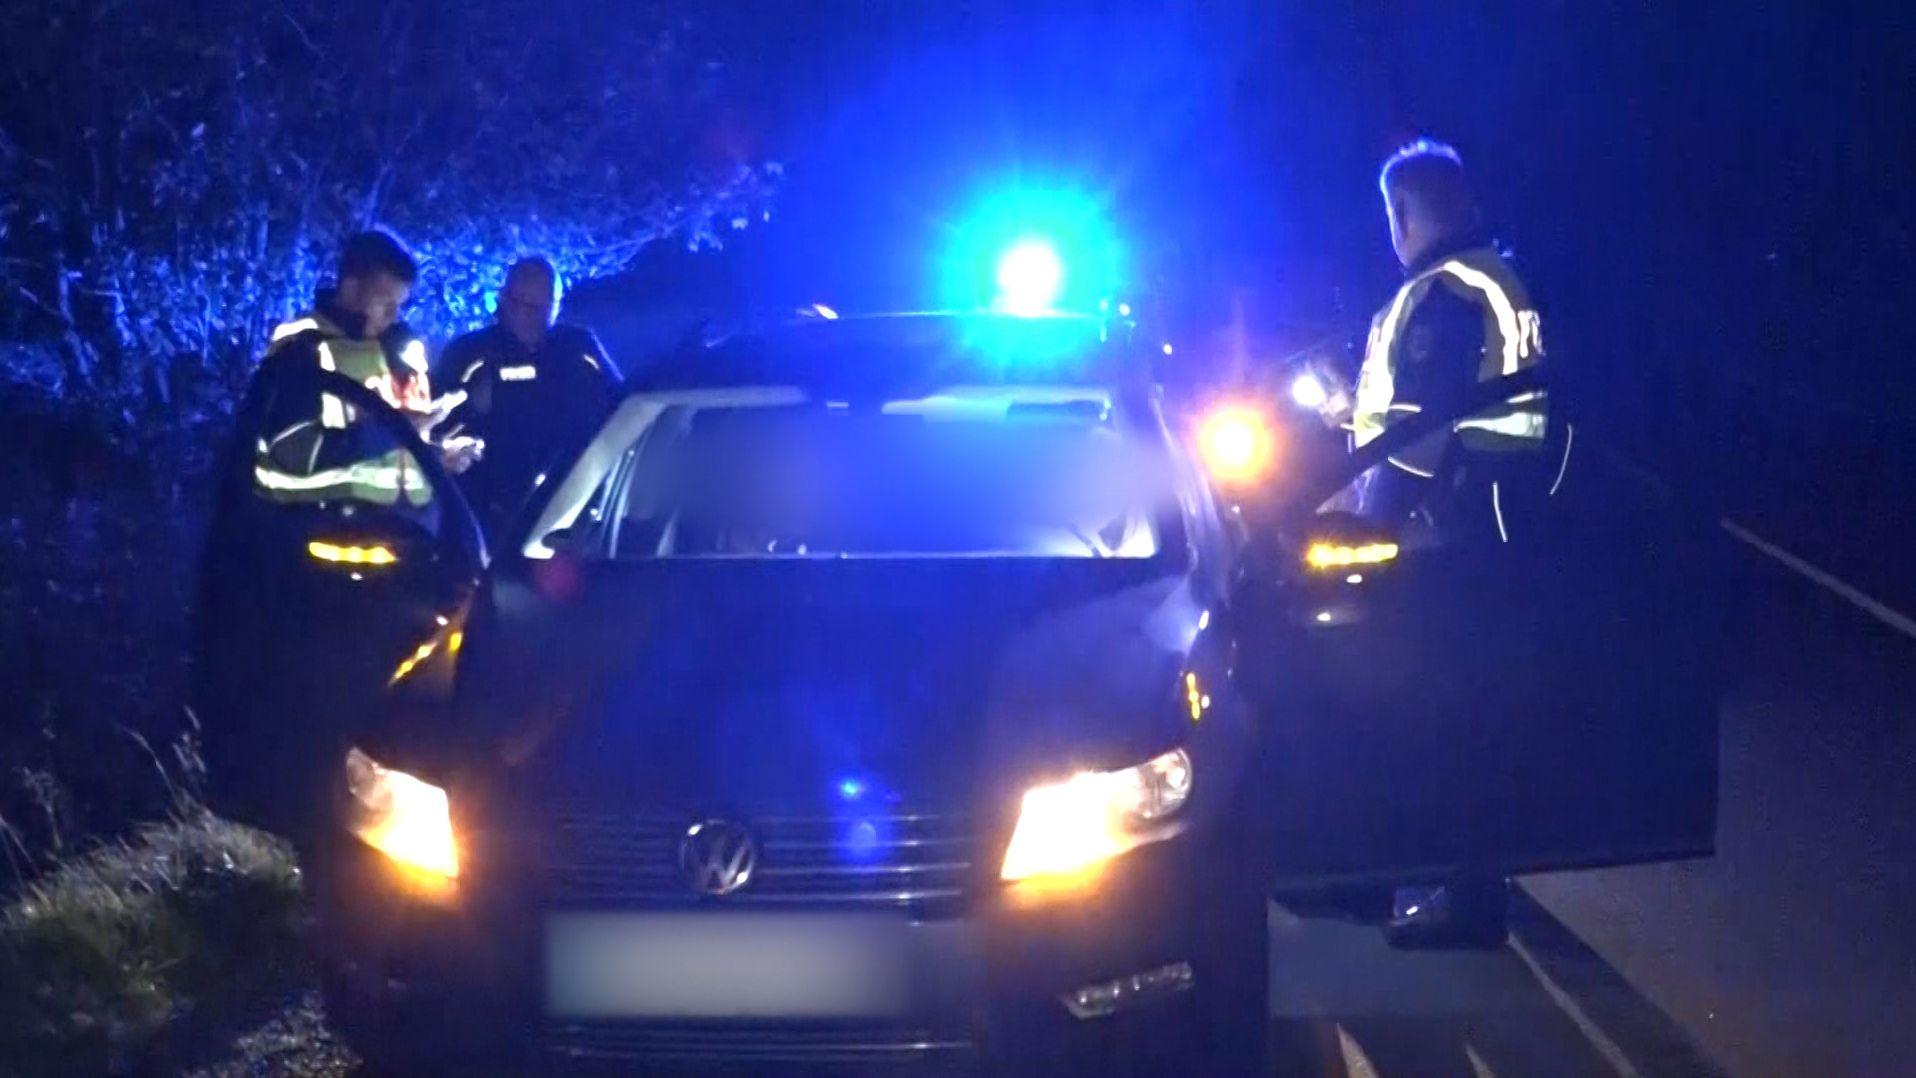 Nachts hält die Polizei ein Fahrzeug an und kontrolliert die Papiere des Fahrers.